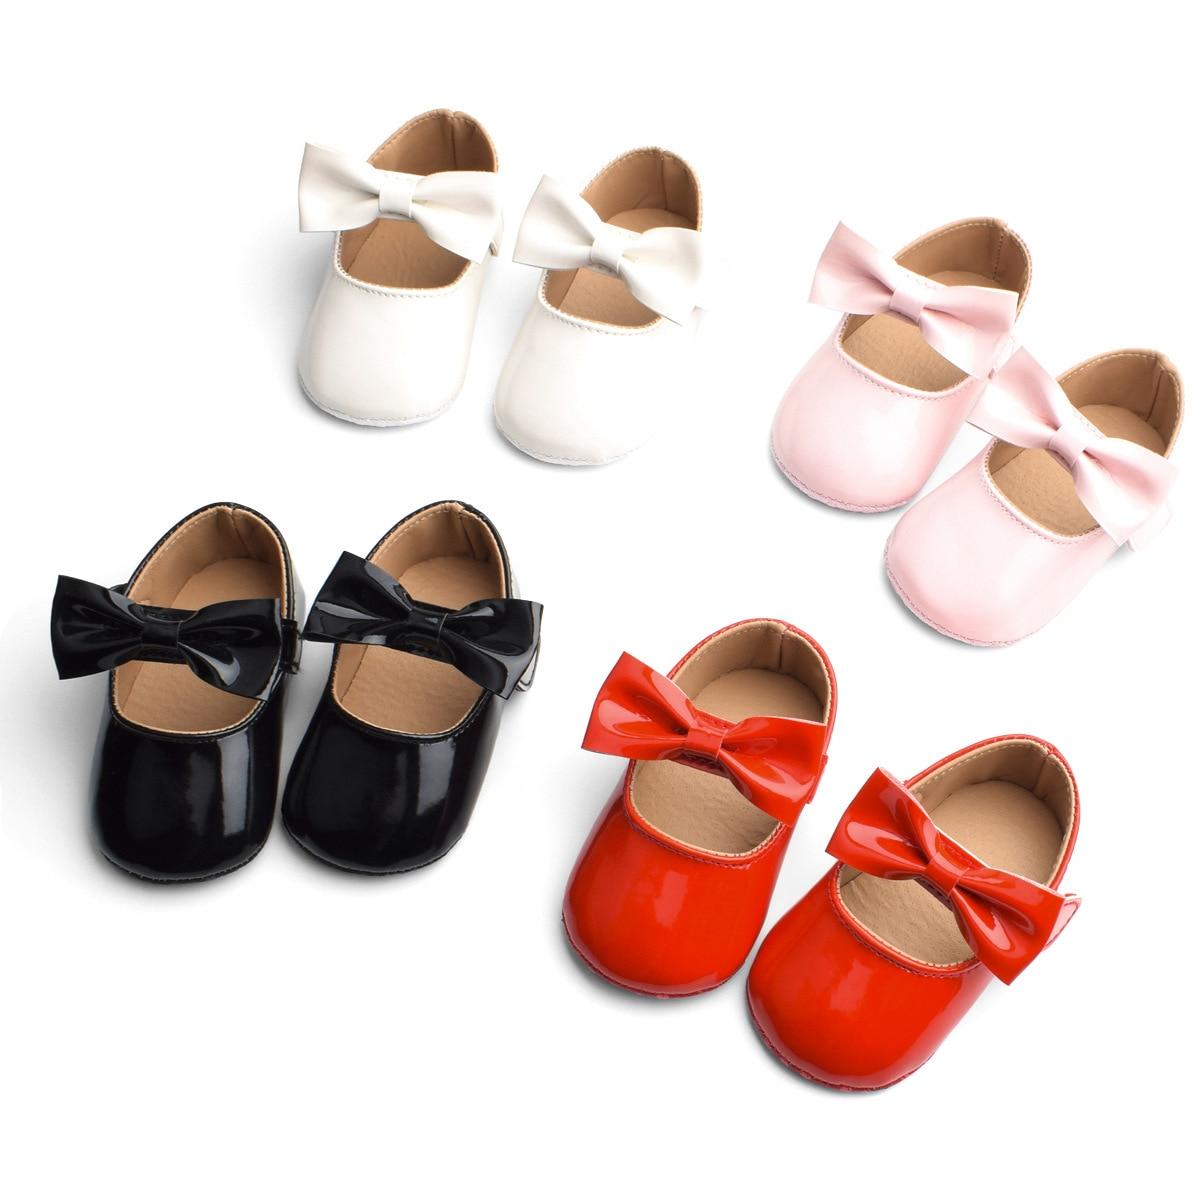 Обувь для девочек из искусственной кожи; Цвет белый, розовый; Детская Свадебная обувь с цветочным рисунком; Танцевальные сандалии принцессы